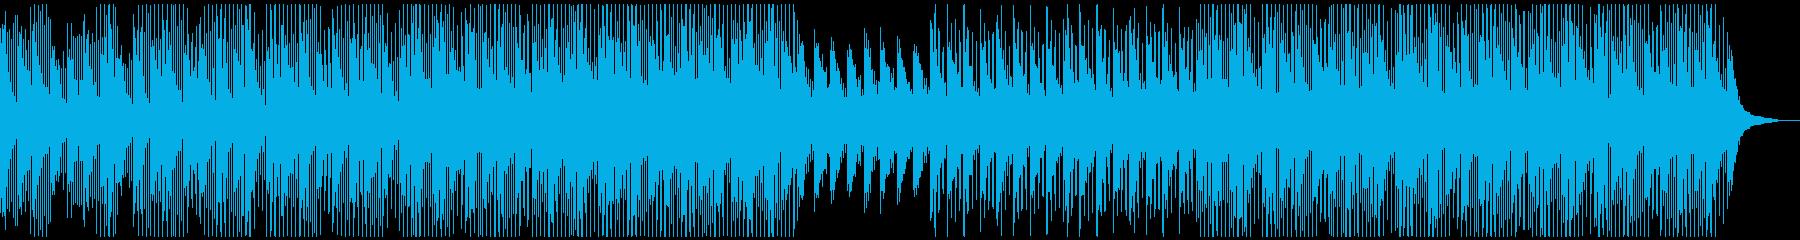 企業VP クリーン・シンプル・洋楽の再生済みの波形